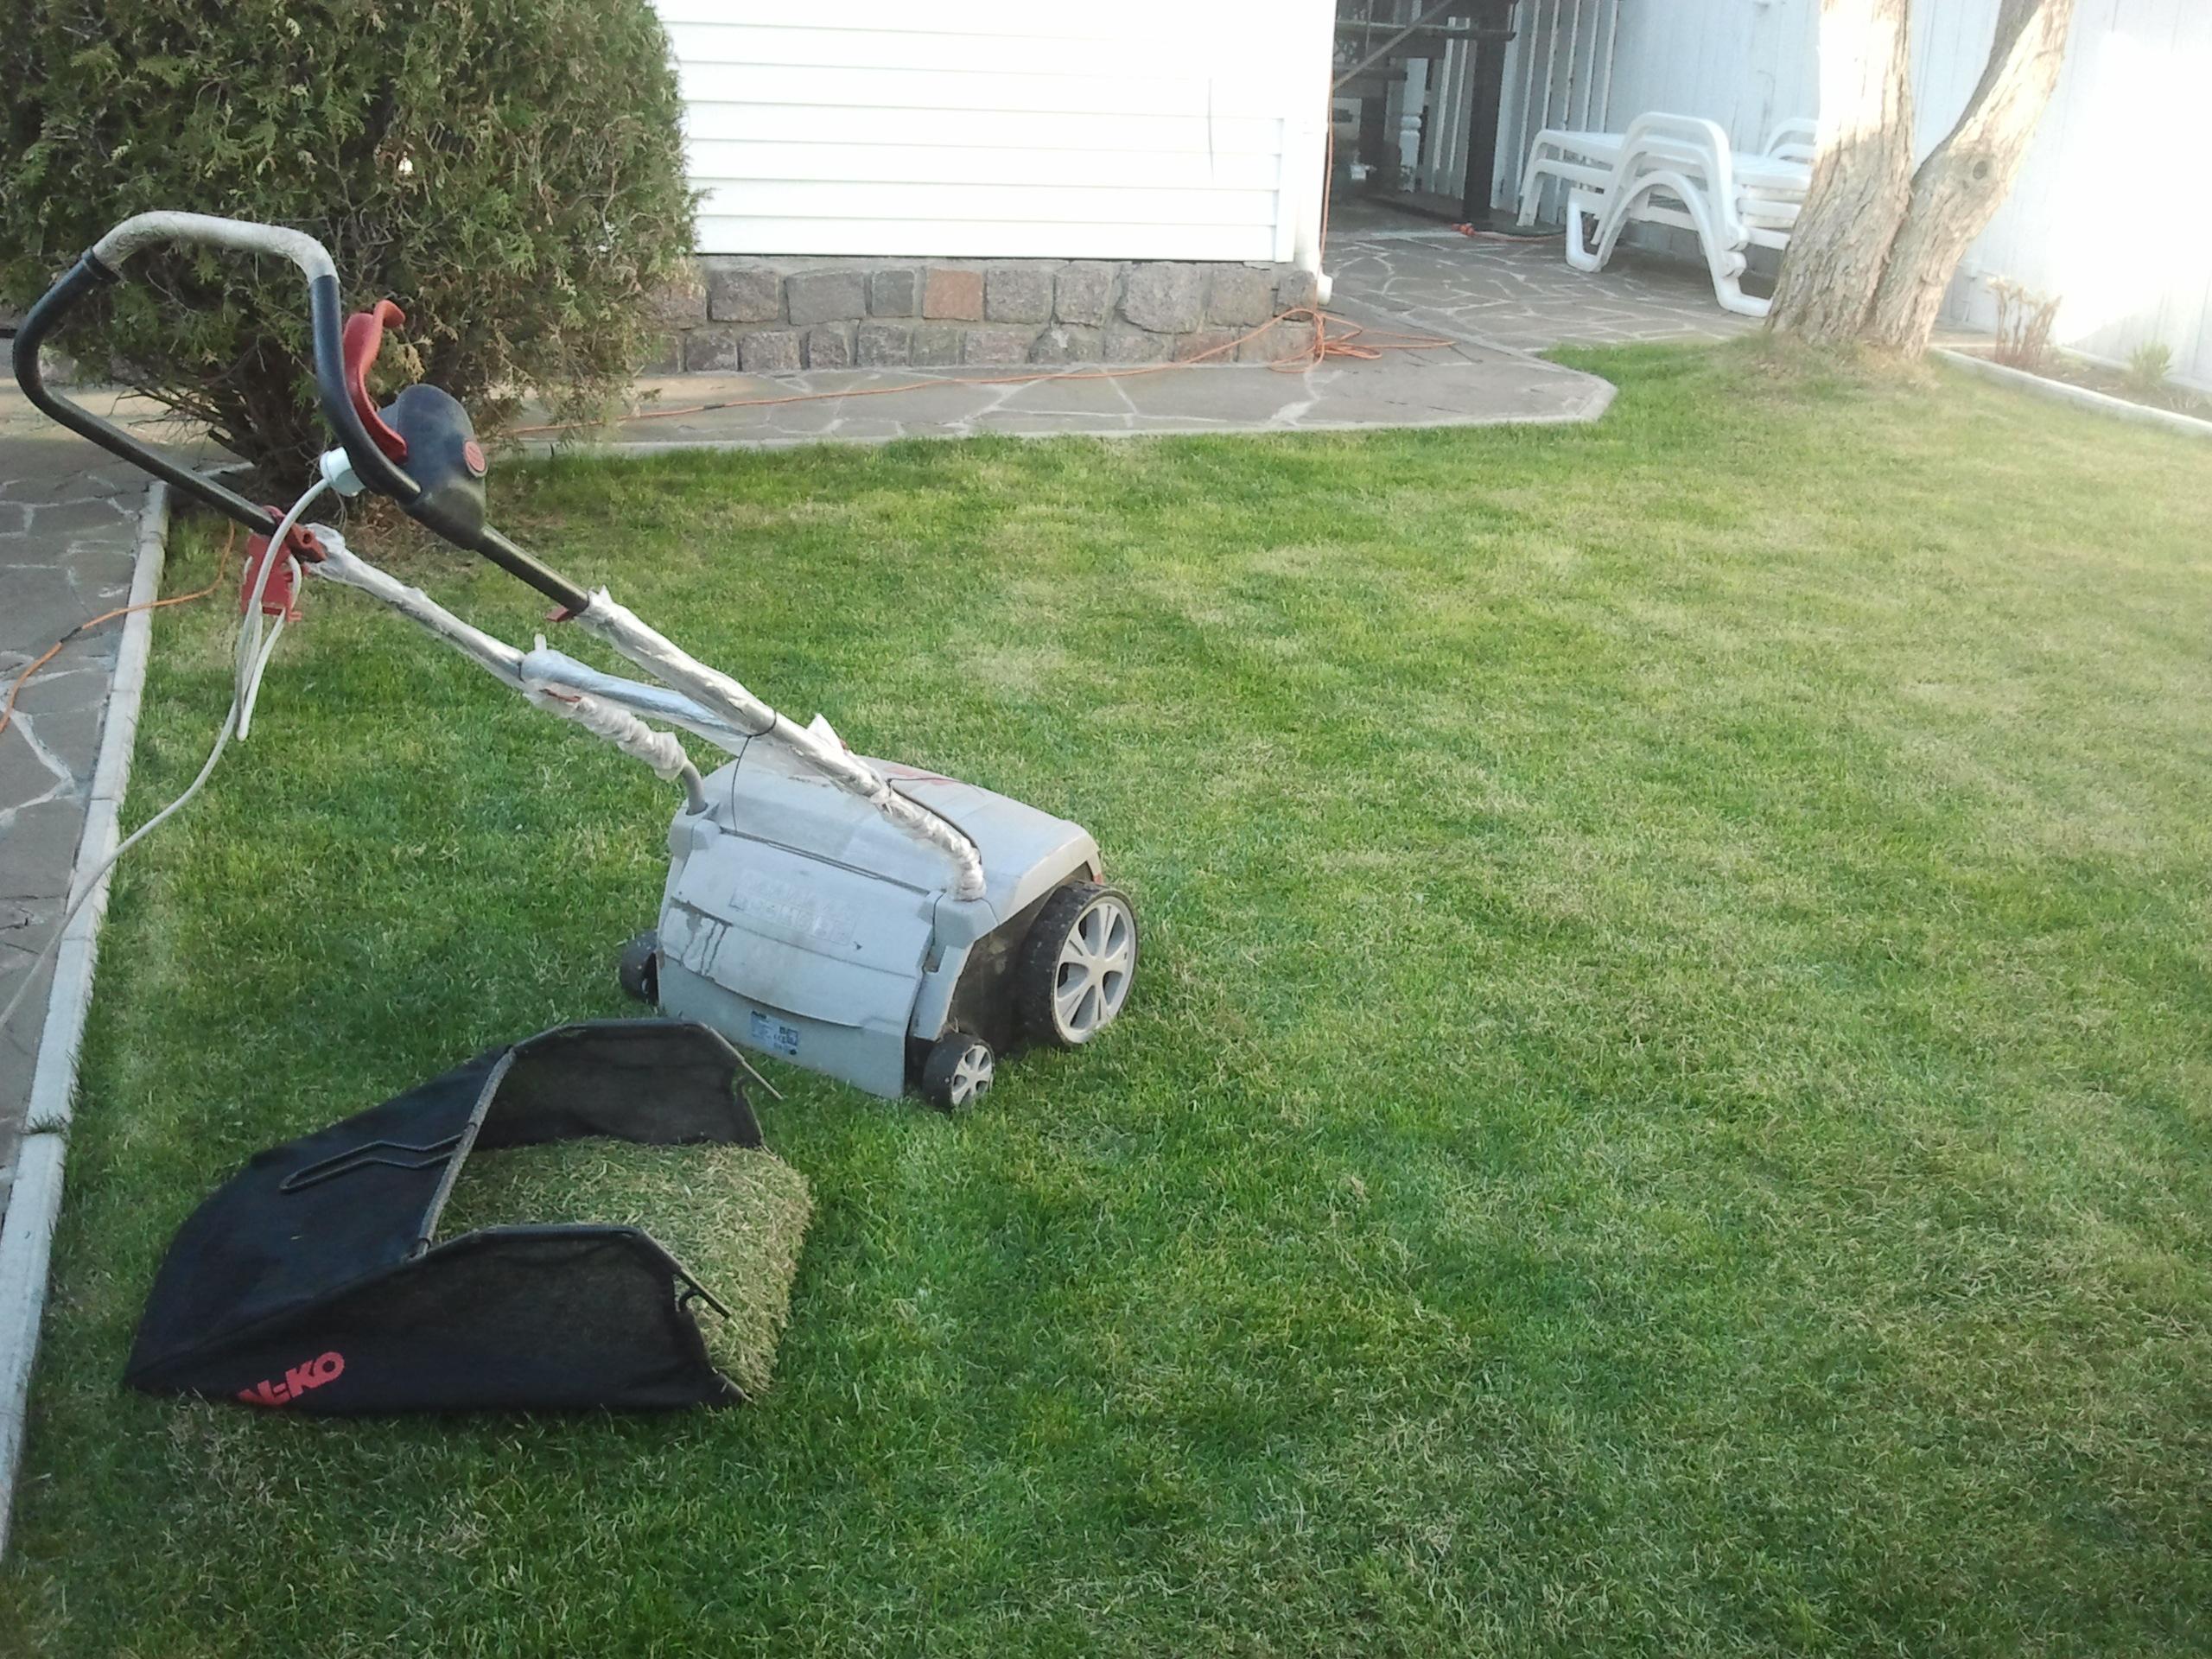 Распространённые вредители и болезни газона на дачном участке: способы лечения газона